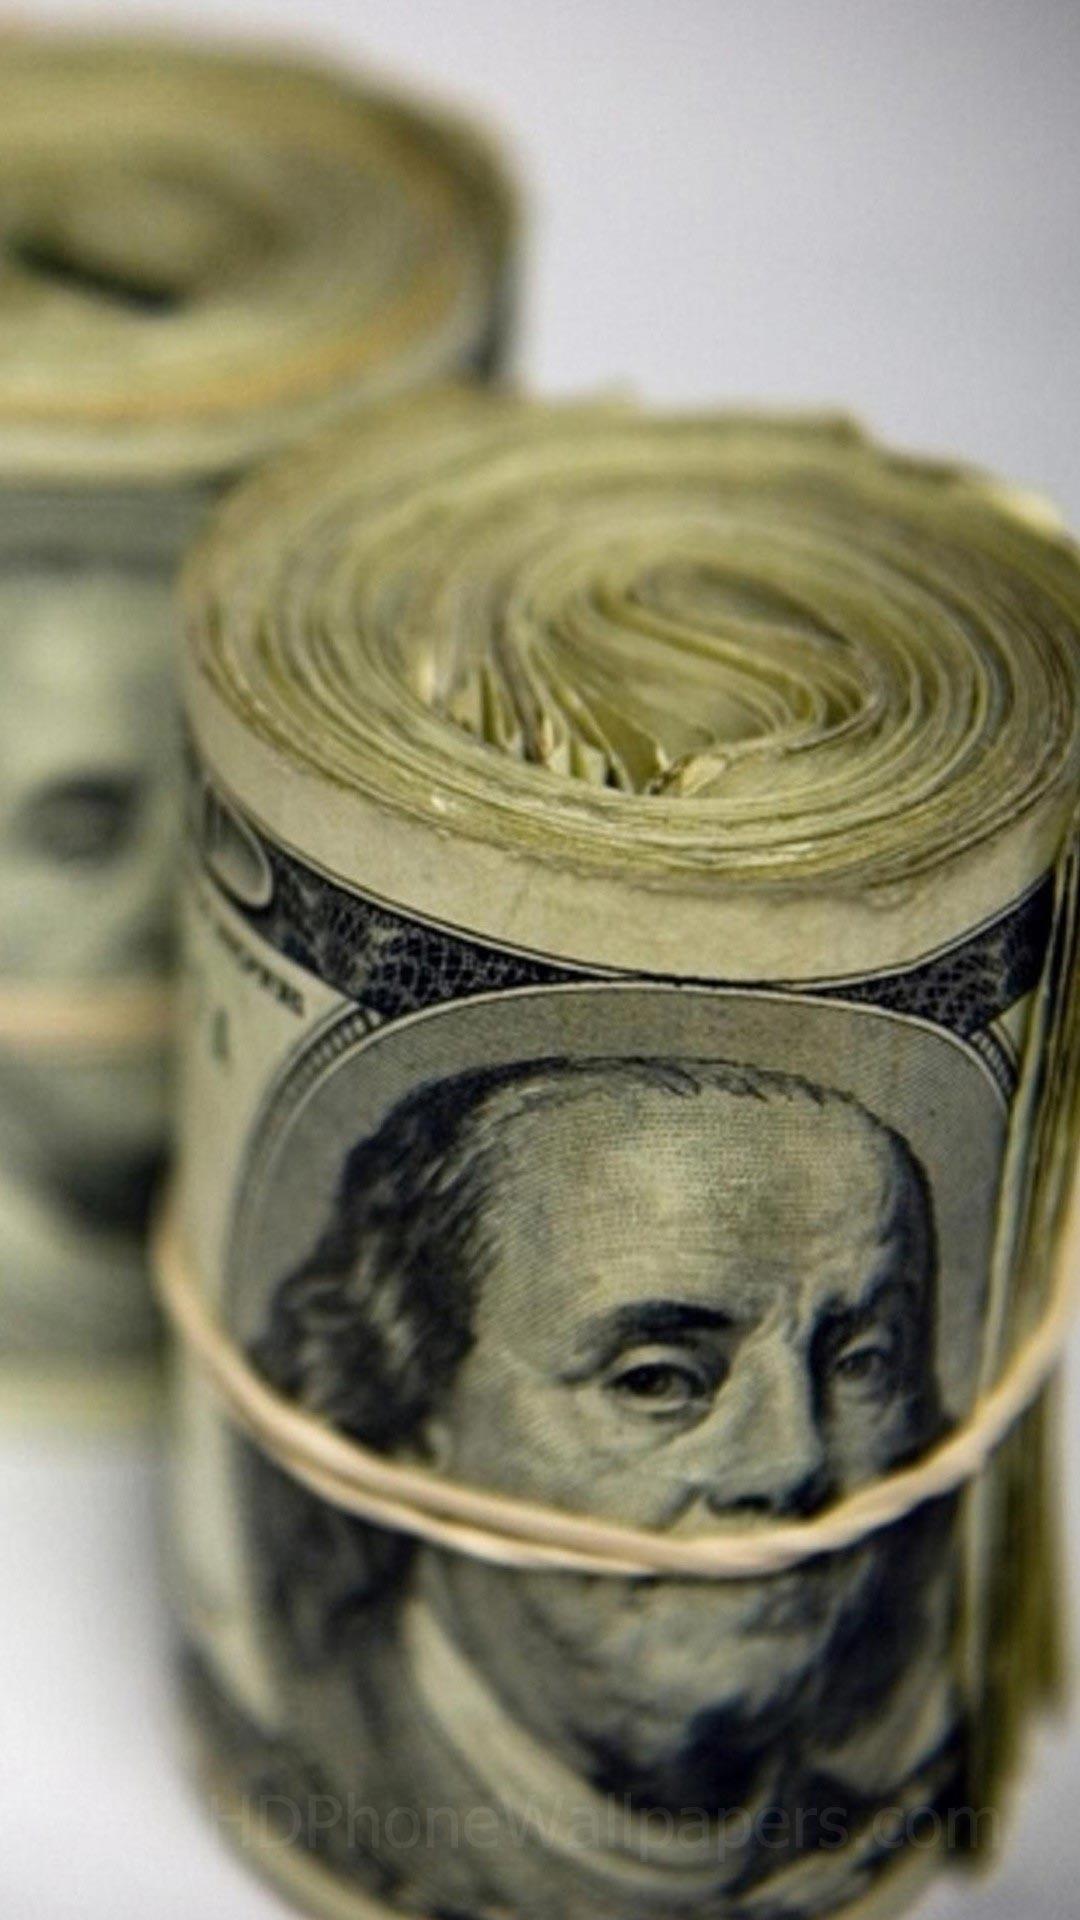 Money iphone 7 wallpaper